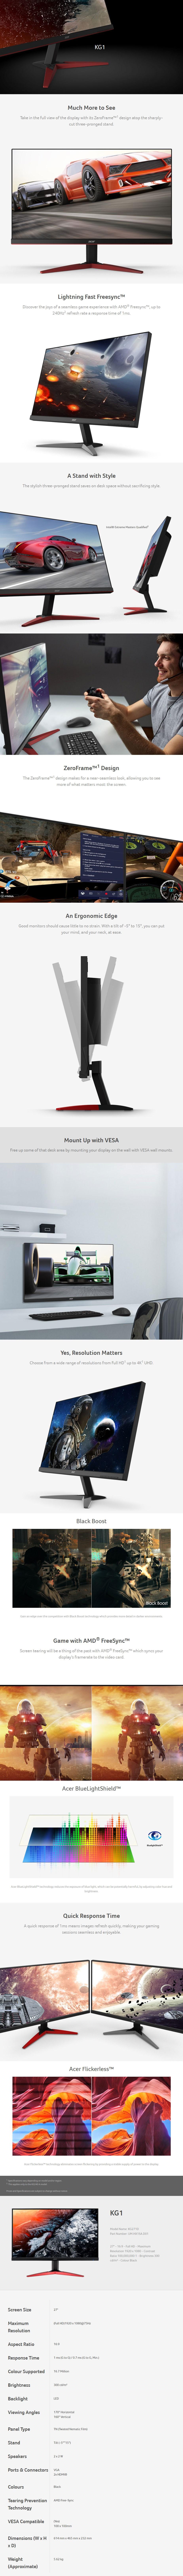 acer-kg271d-27-75hz-fhd-1ms-freesync-zeroframe-tn-gaming-monitor-ac32456-5.jpg